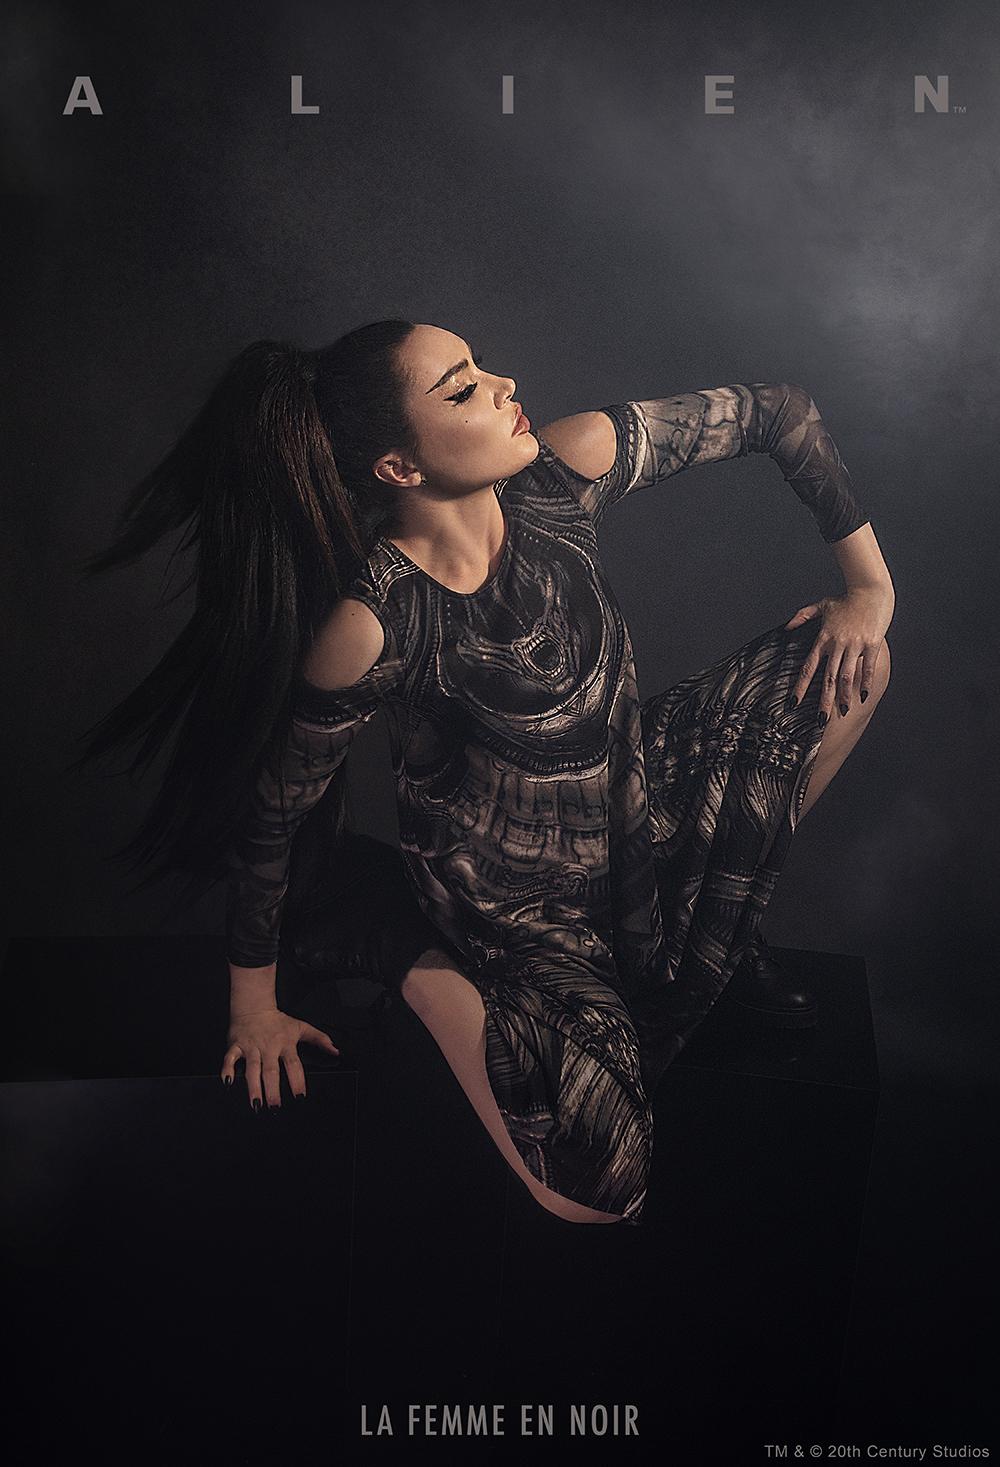 La Femme en Noir Launches Licensed ALIEN Collection